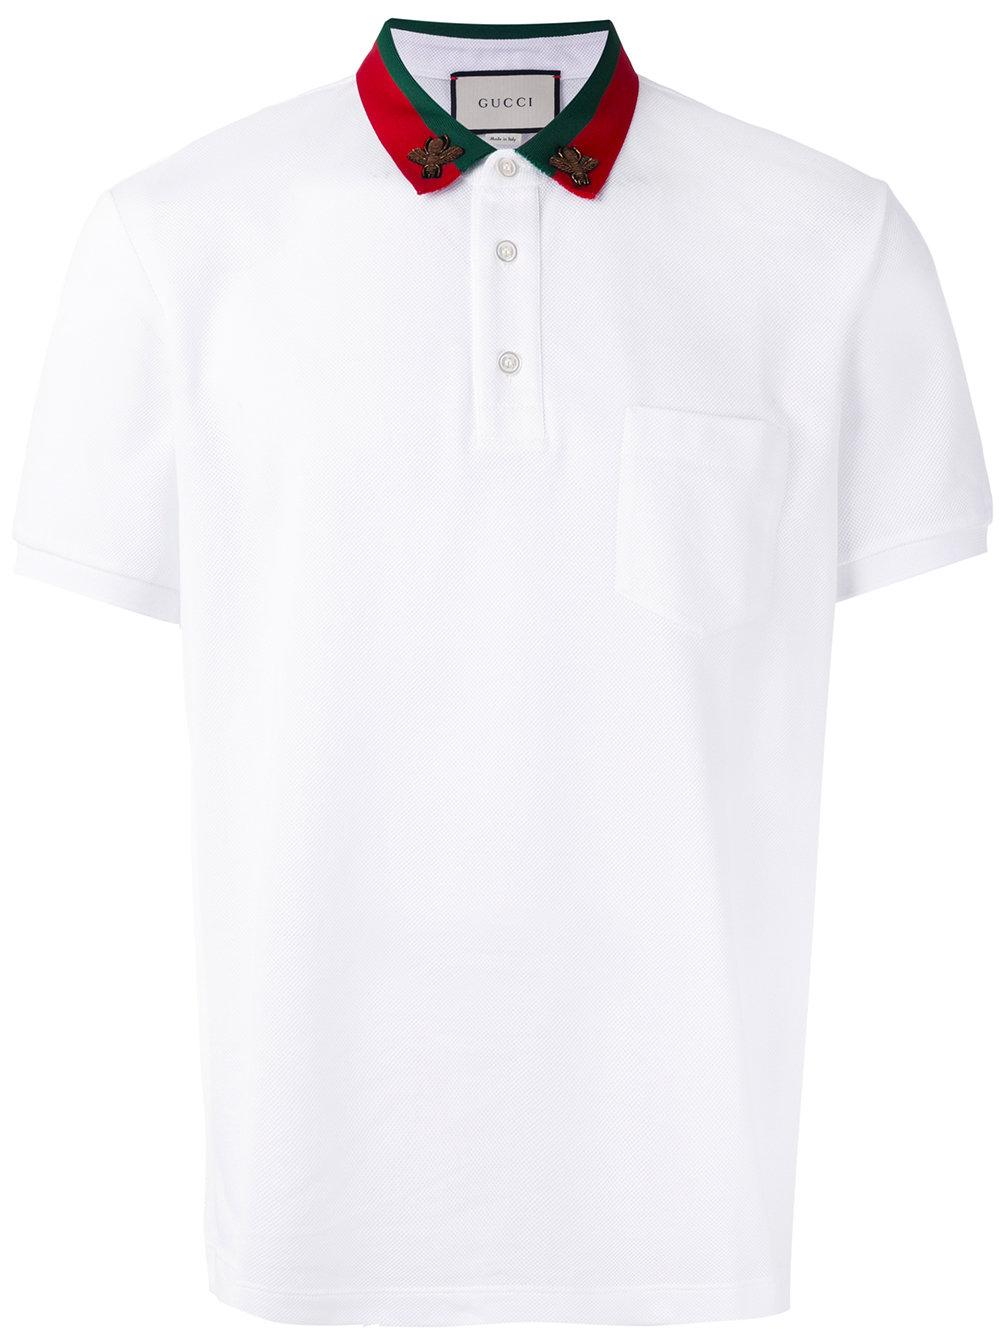 f88240c700ed Gucci Polo Shirt For Cheap ✓ T Shirt Design 2018